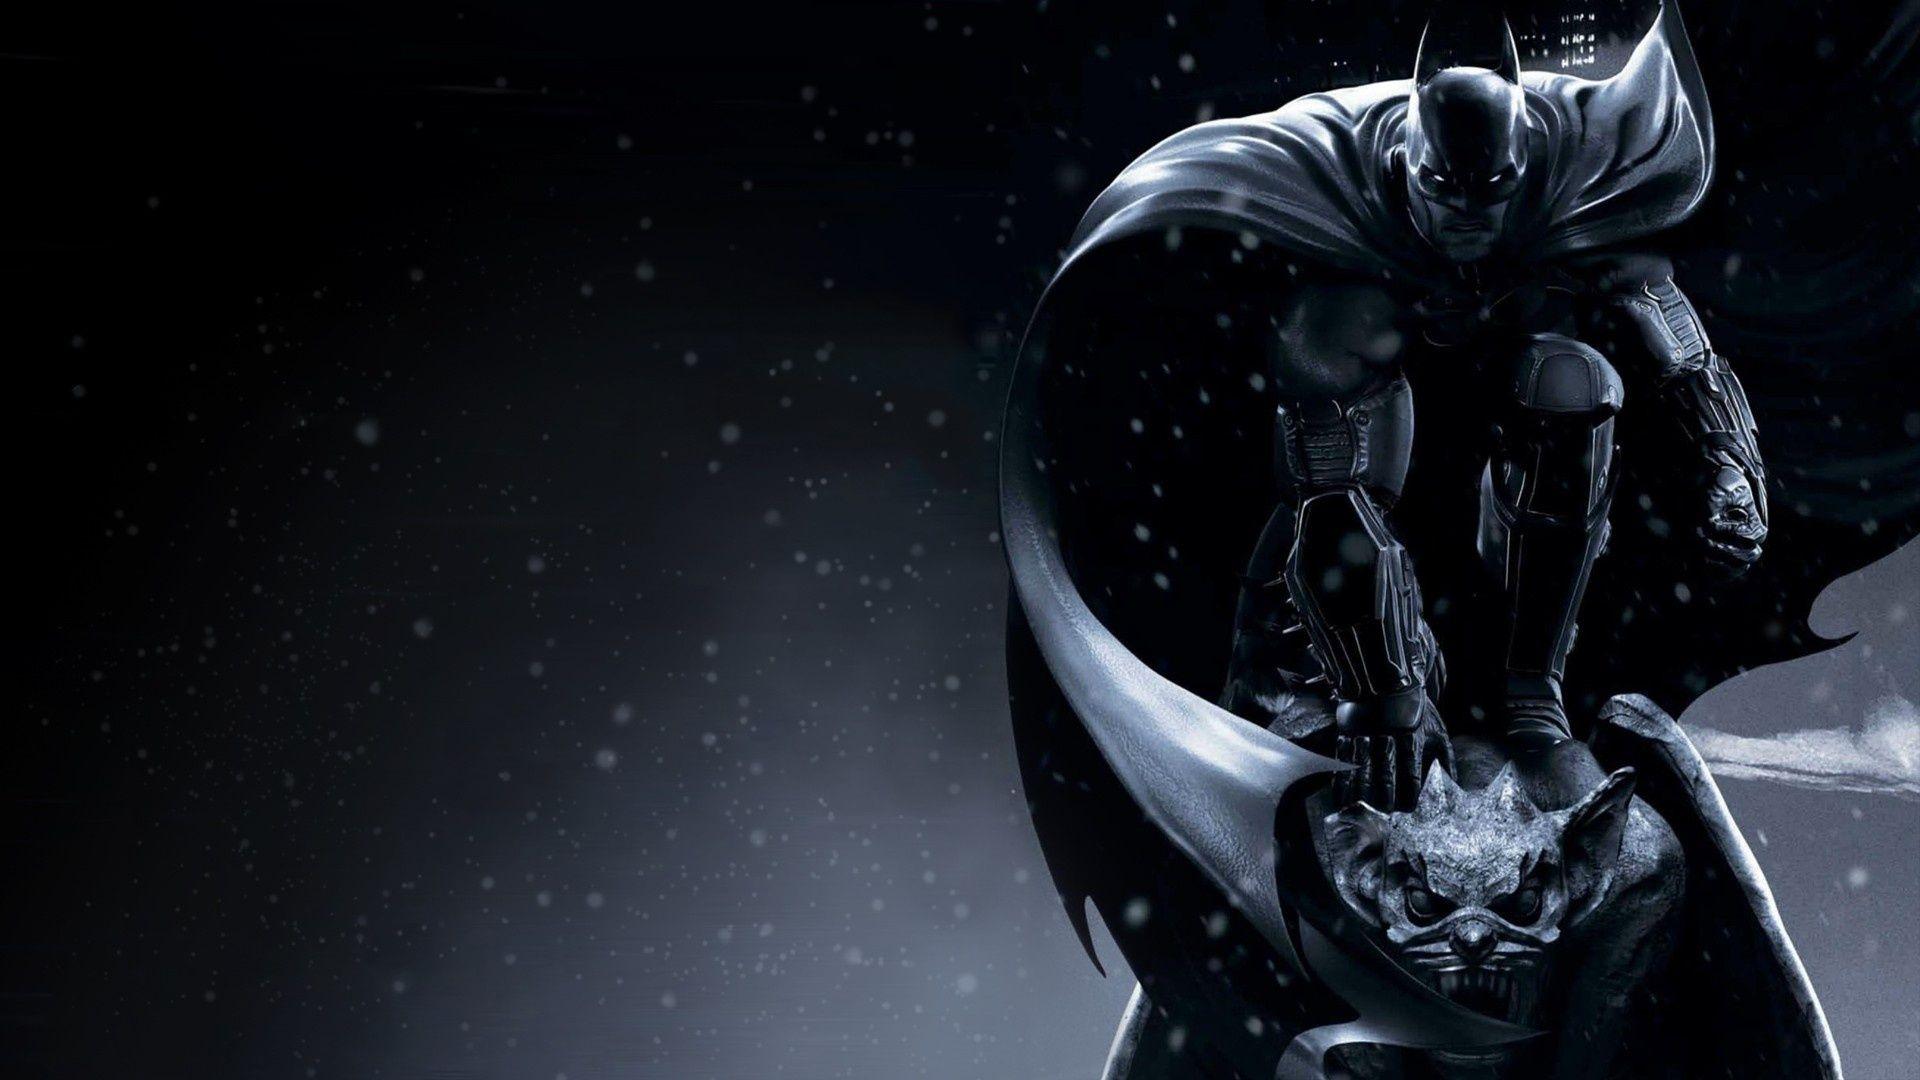 Batman HD Wallpapers Find Best Latest Batman HD Wallpapers